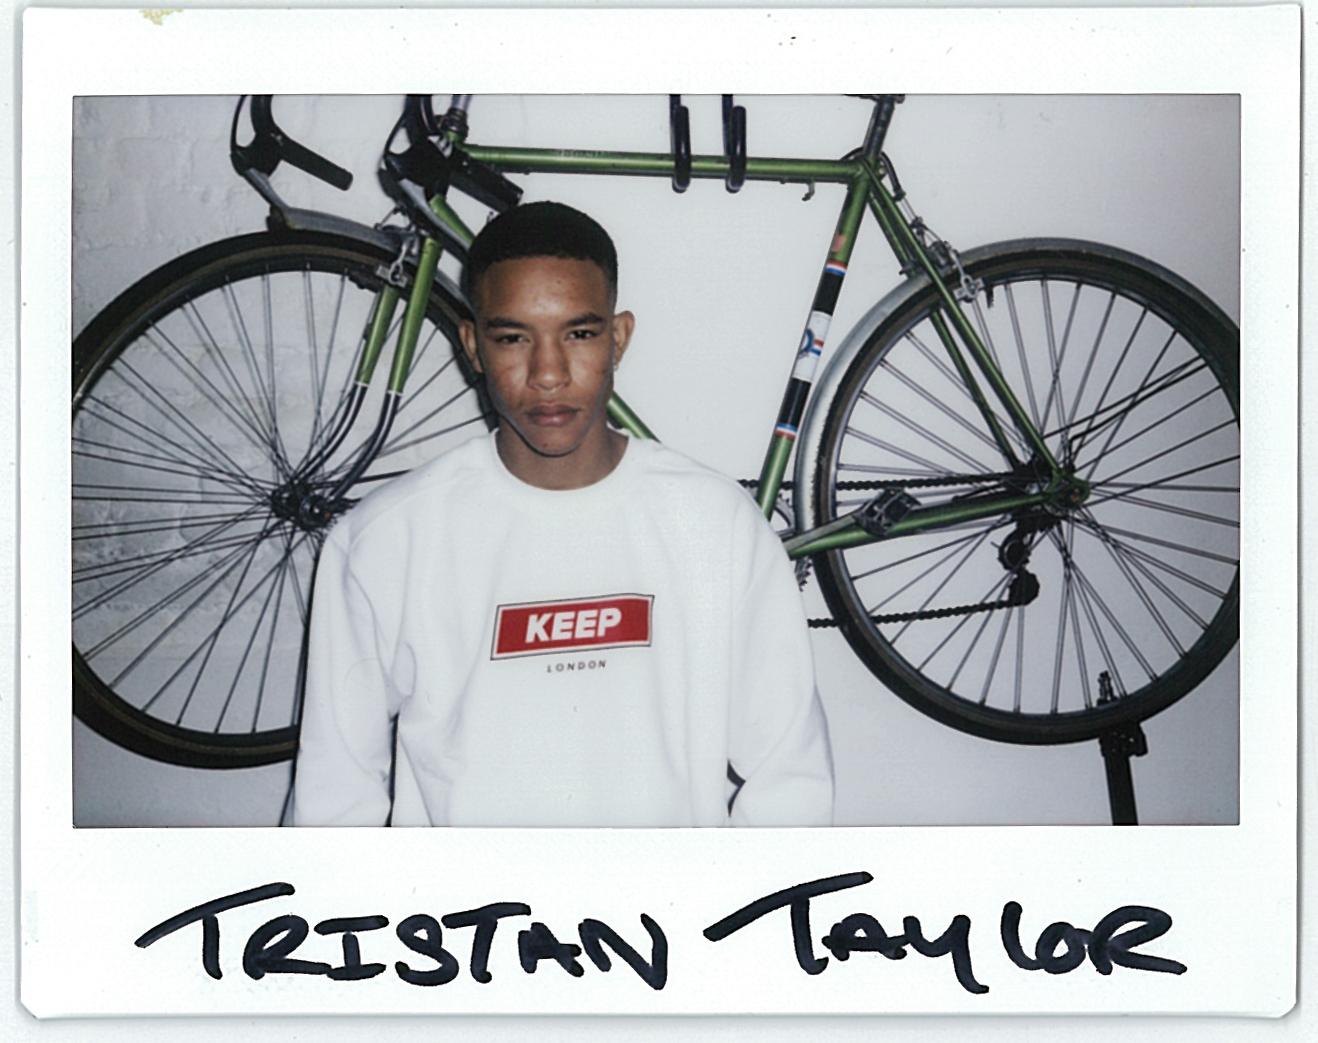 Tristan Taylor (Tris)